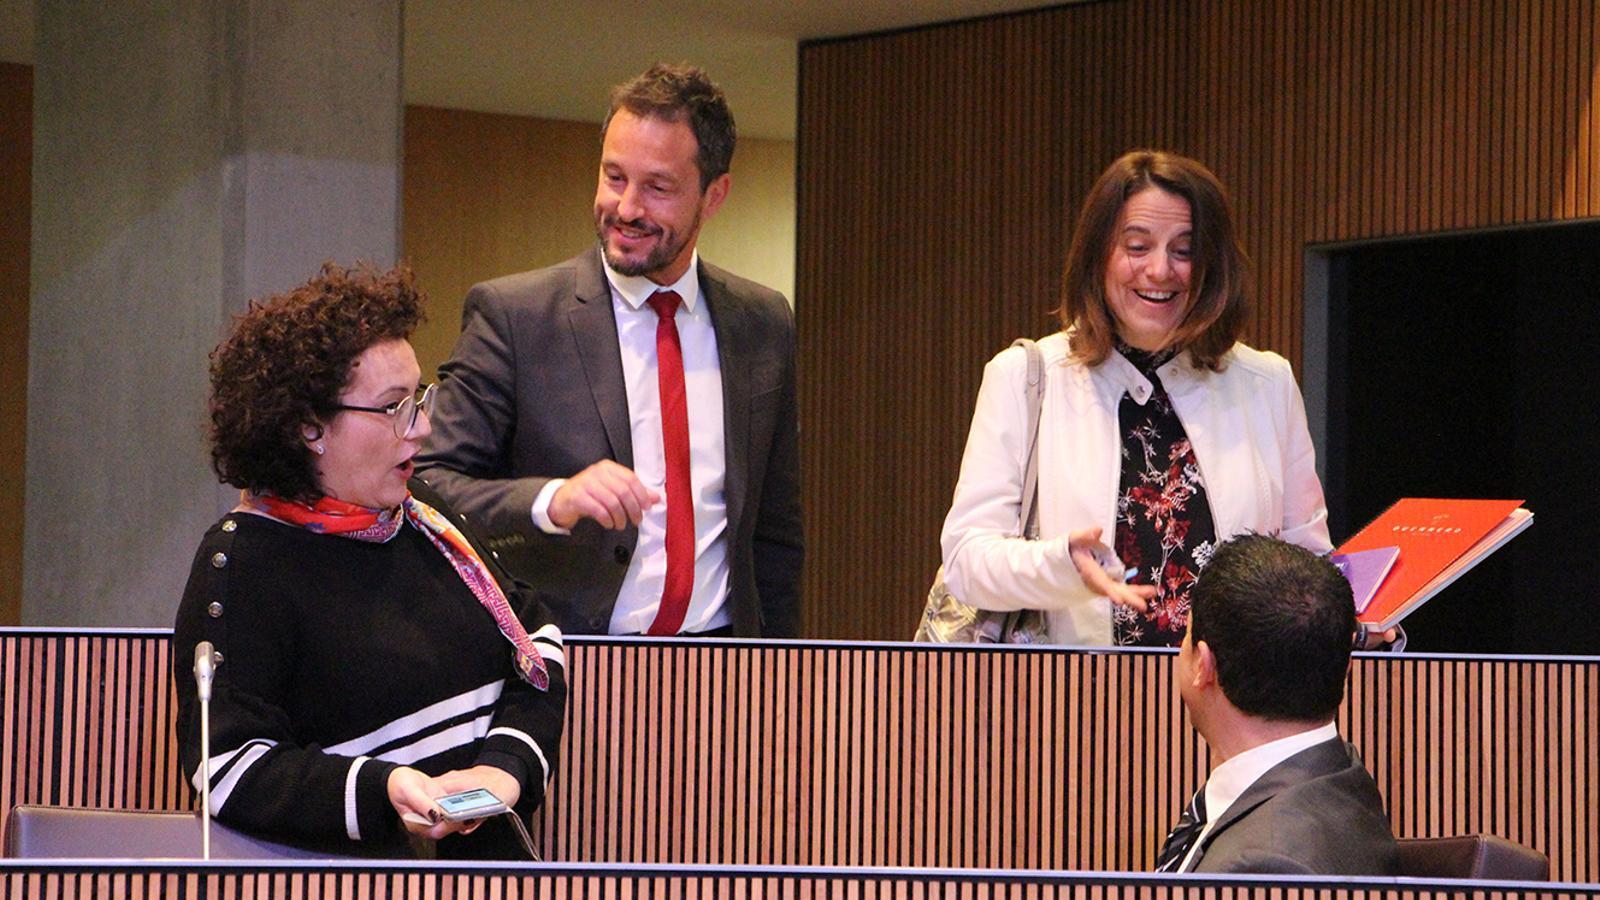 Els consellers socialdemòcrates i liberals de la darrera legislatura conversen en una sessió del Consell General. / M. M.